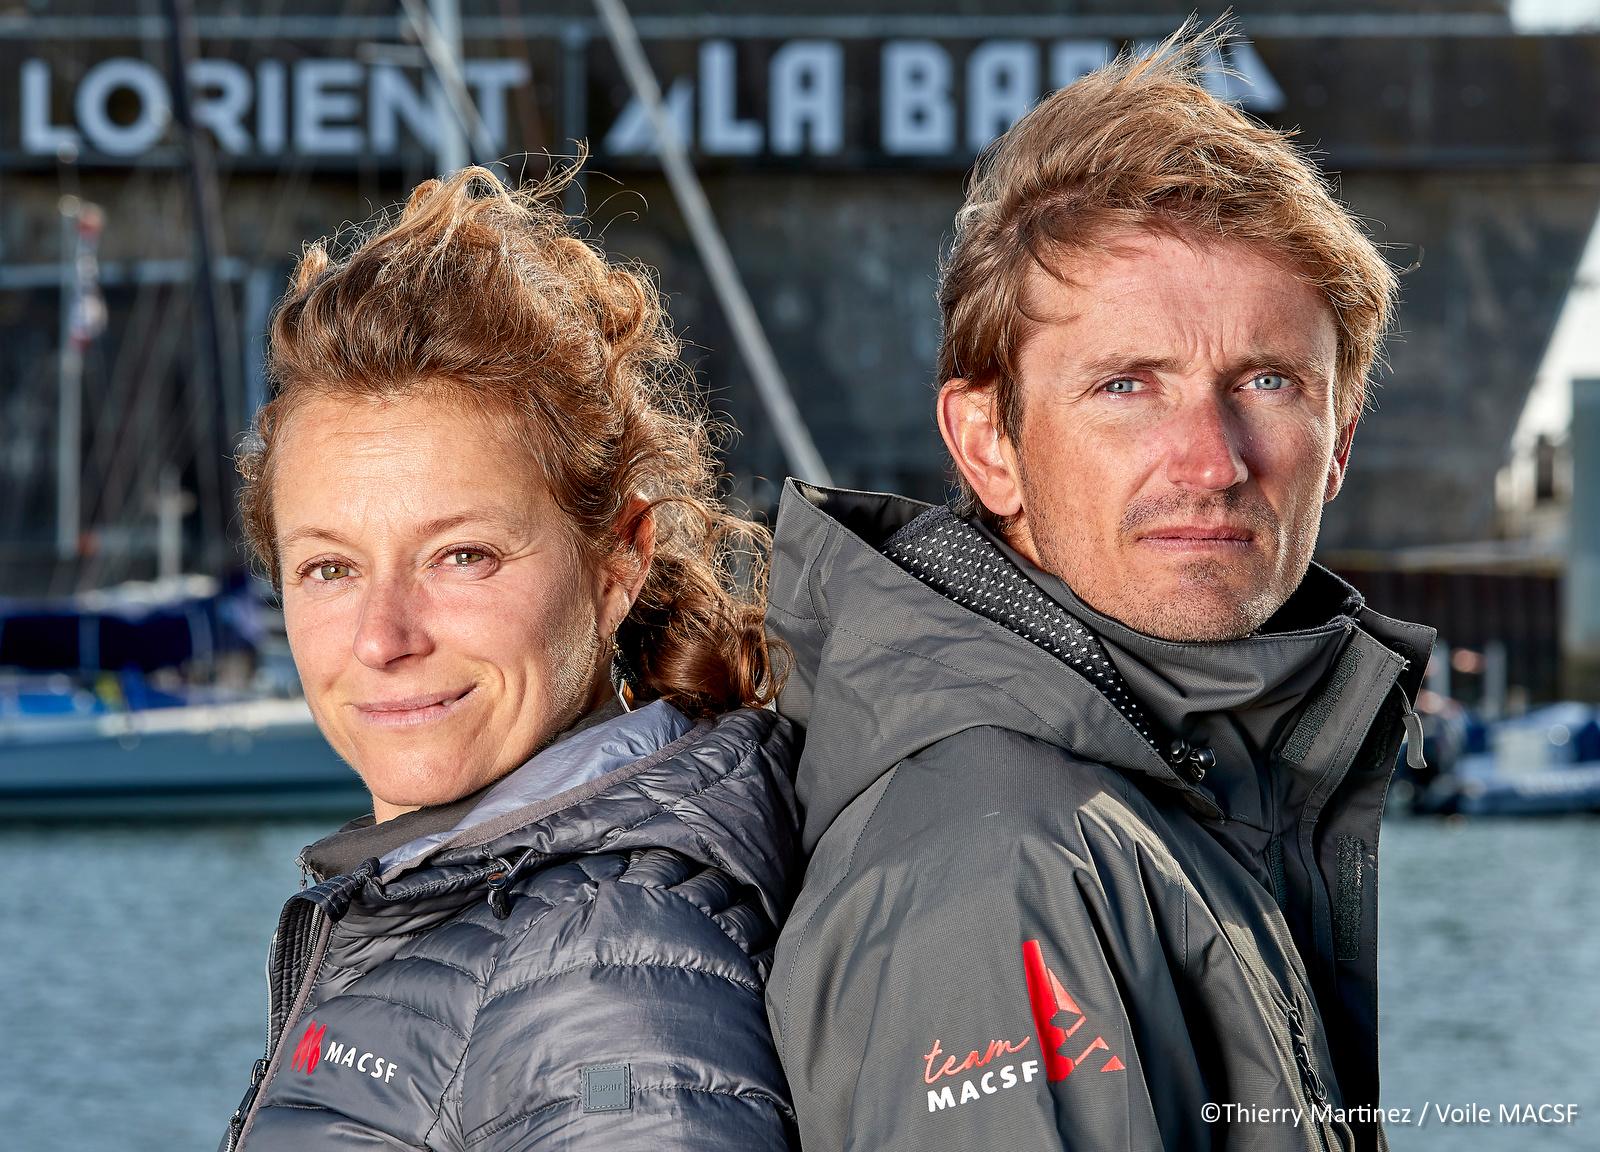 Transat Jacques-Vabre : Fabien Delahaye et Isabelle Joschke font équipe